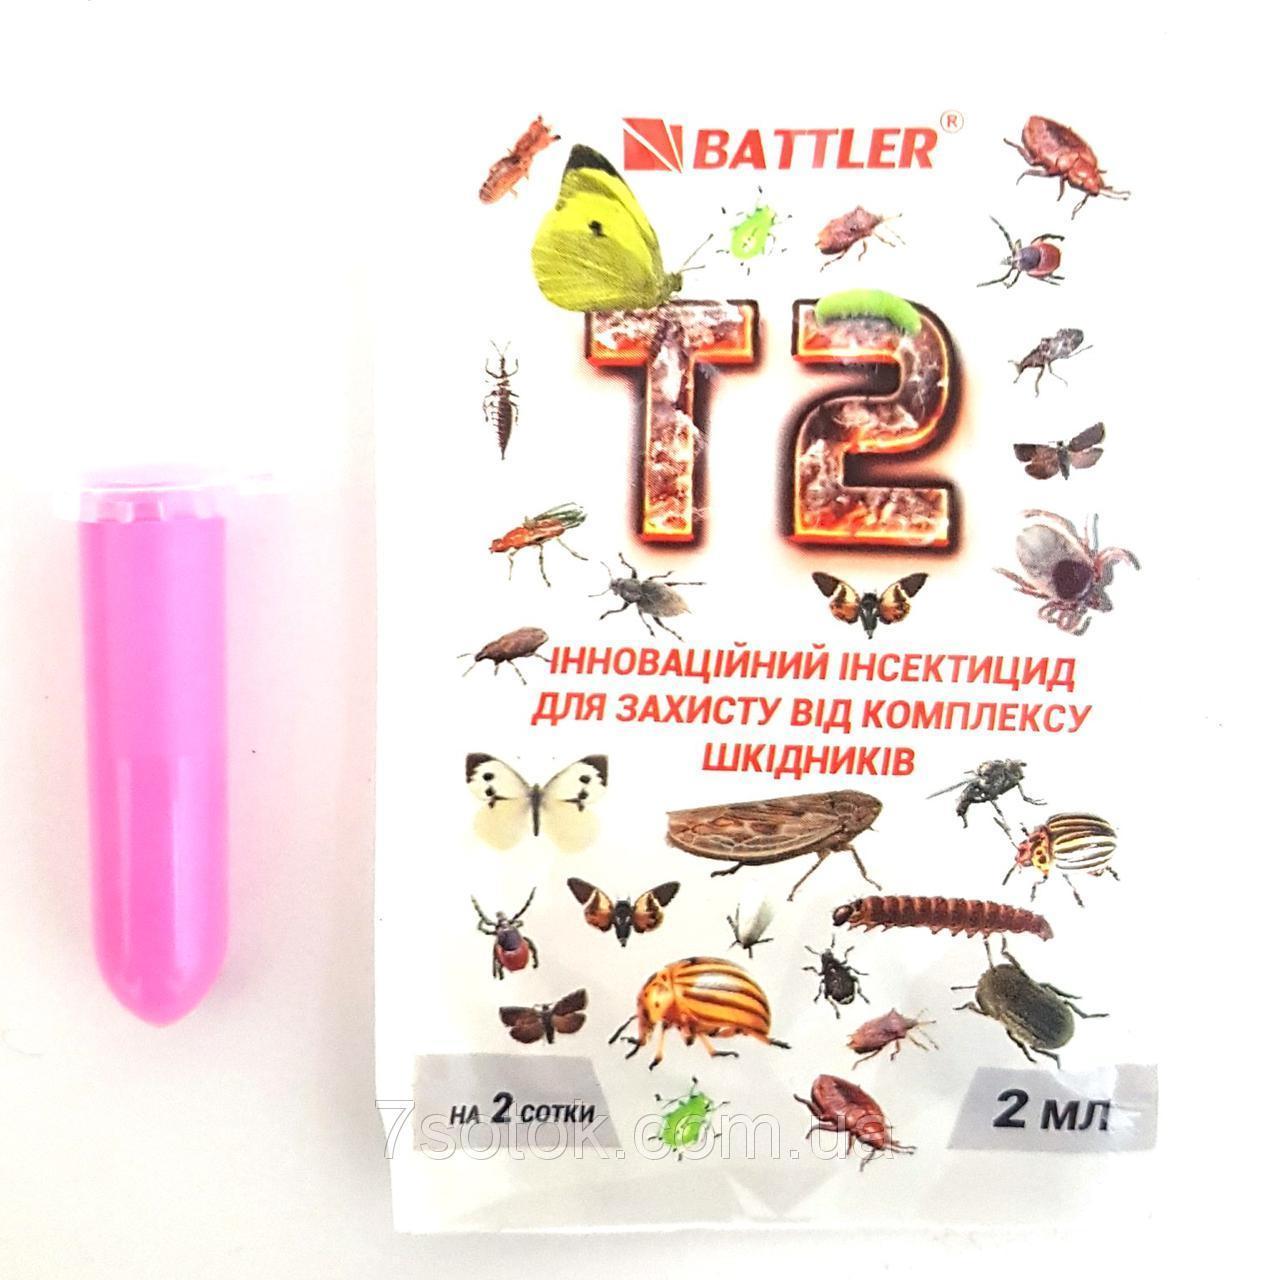 Инсектицид Т2 от вредителей 2 мл (лучшая цена купить оптом и в розницу)